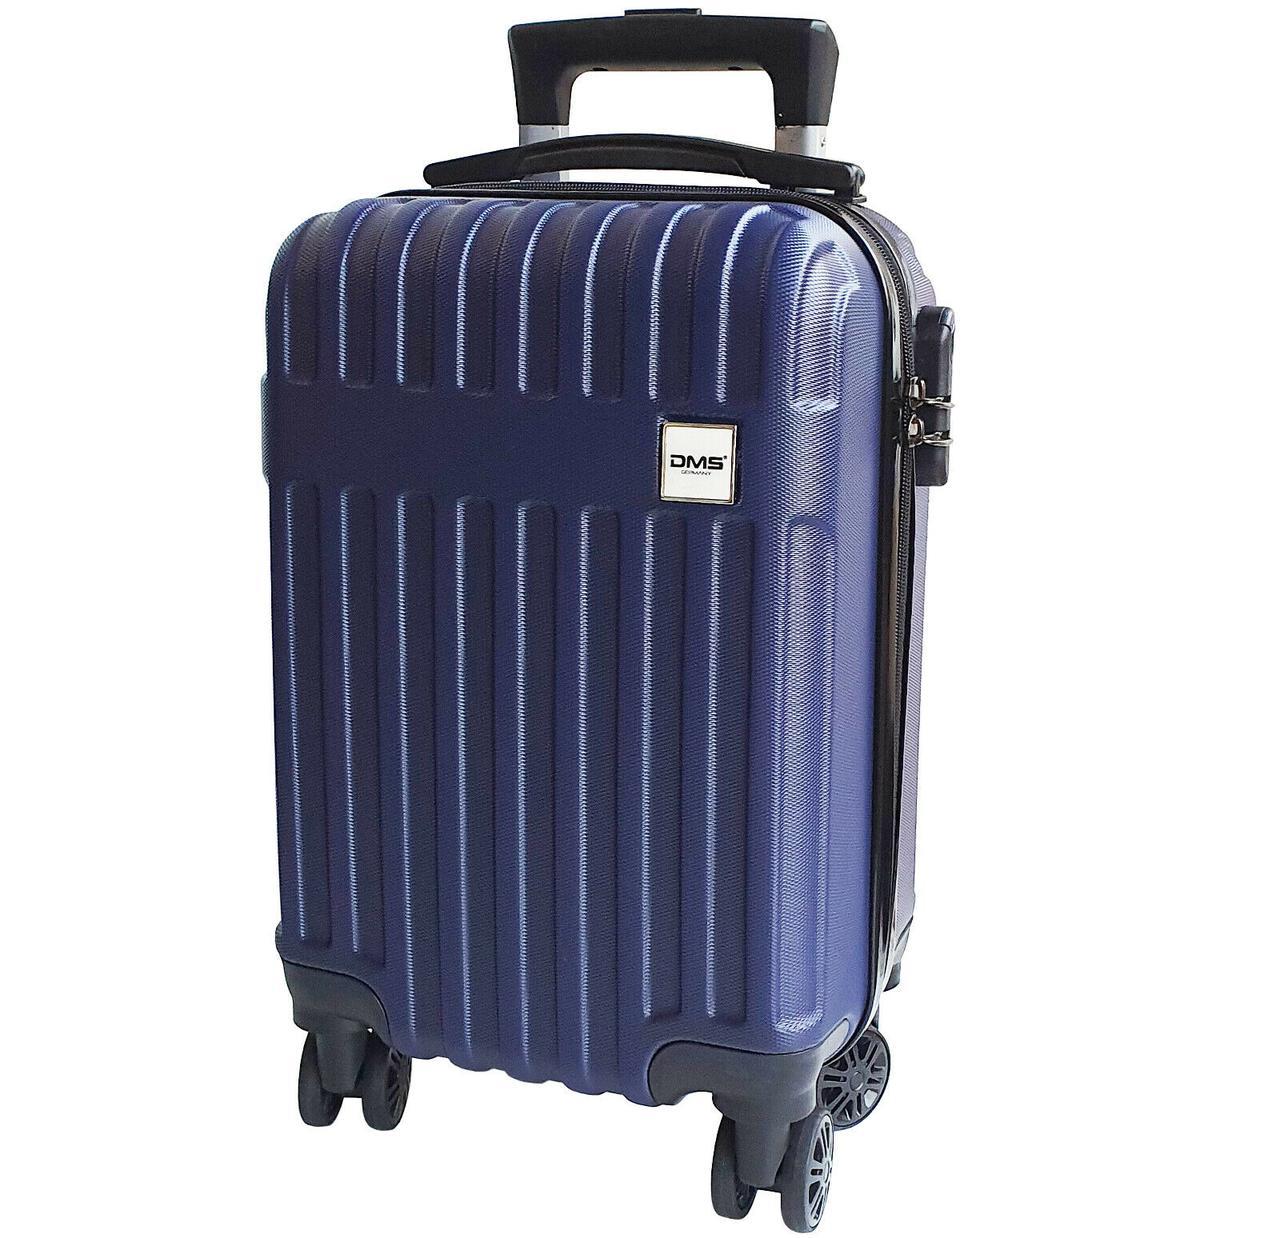 Чемоданы дорожные DMS с тележкой, размер M: 45L, 57 x 37 x 24 см  синий Blue